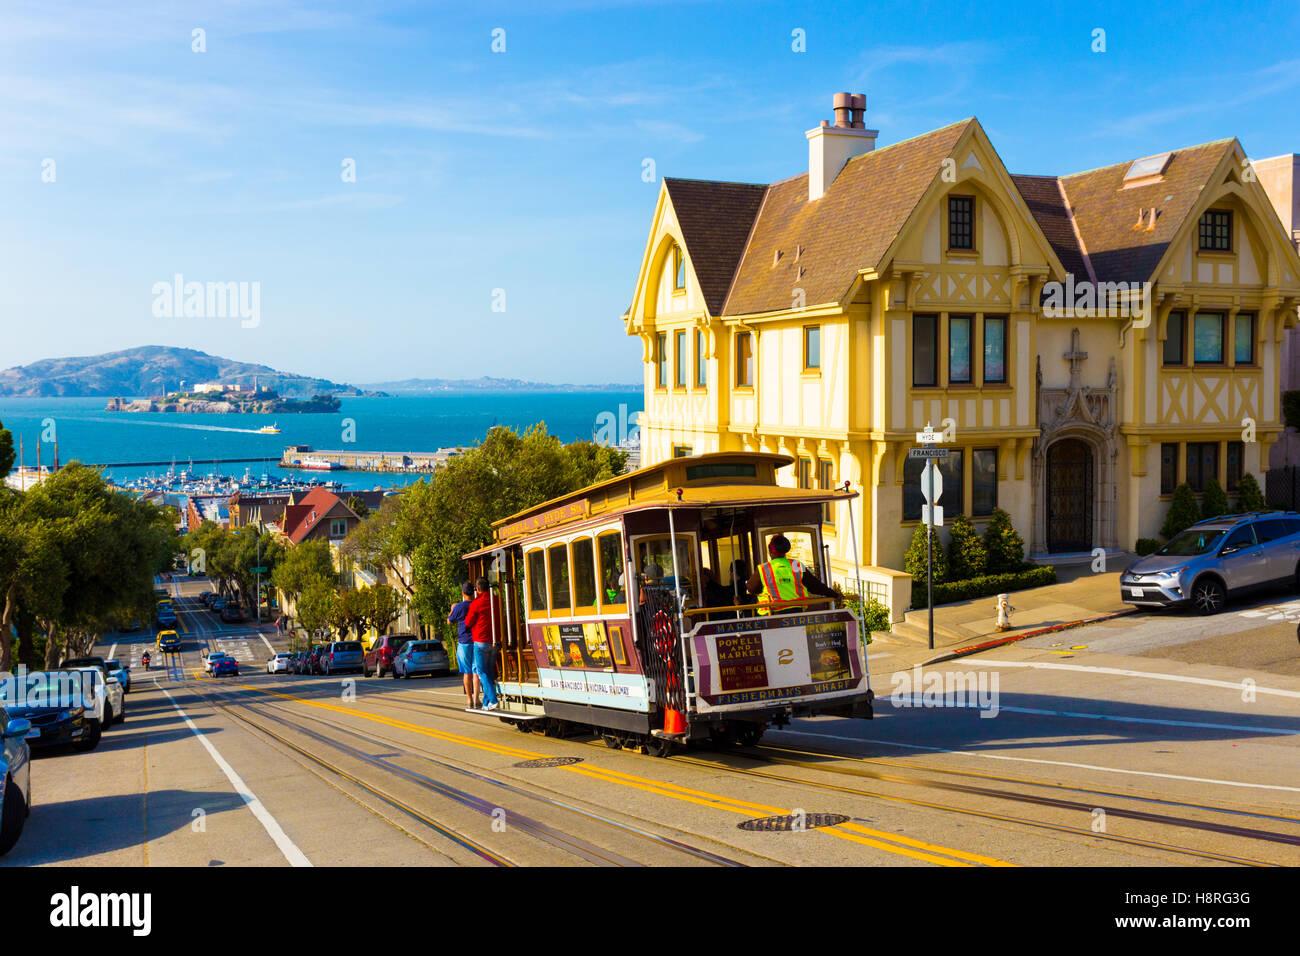 Combinati vista panoramica della Baia di San Francisco con Alcatraz, funivia, case vittoriane, tipico siteseeing Immagini Stock